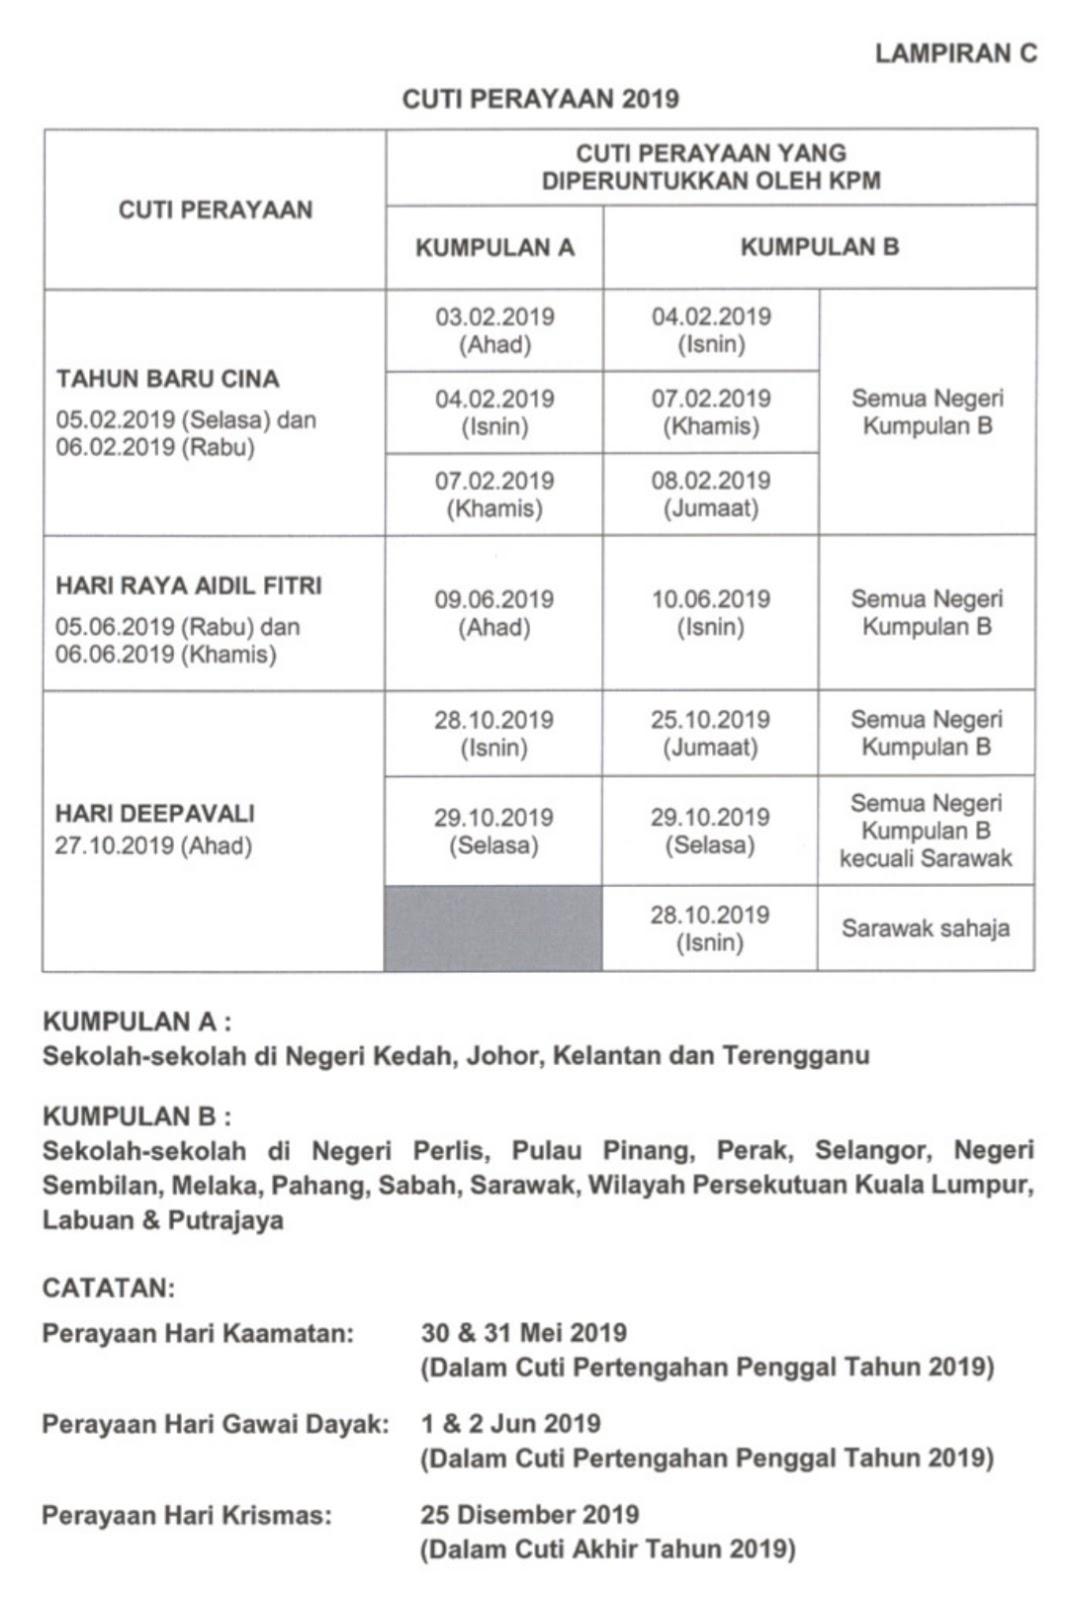 Senarai Cuti Perayaan yang diperuntukkan oleh Kementerian Pendidikan Malaysia bagi Kumpulan A & Kumpulan B